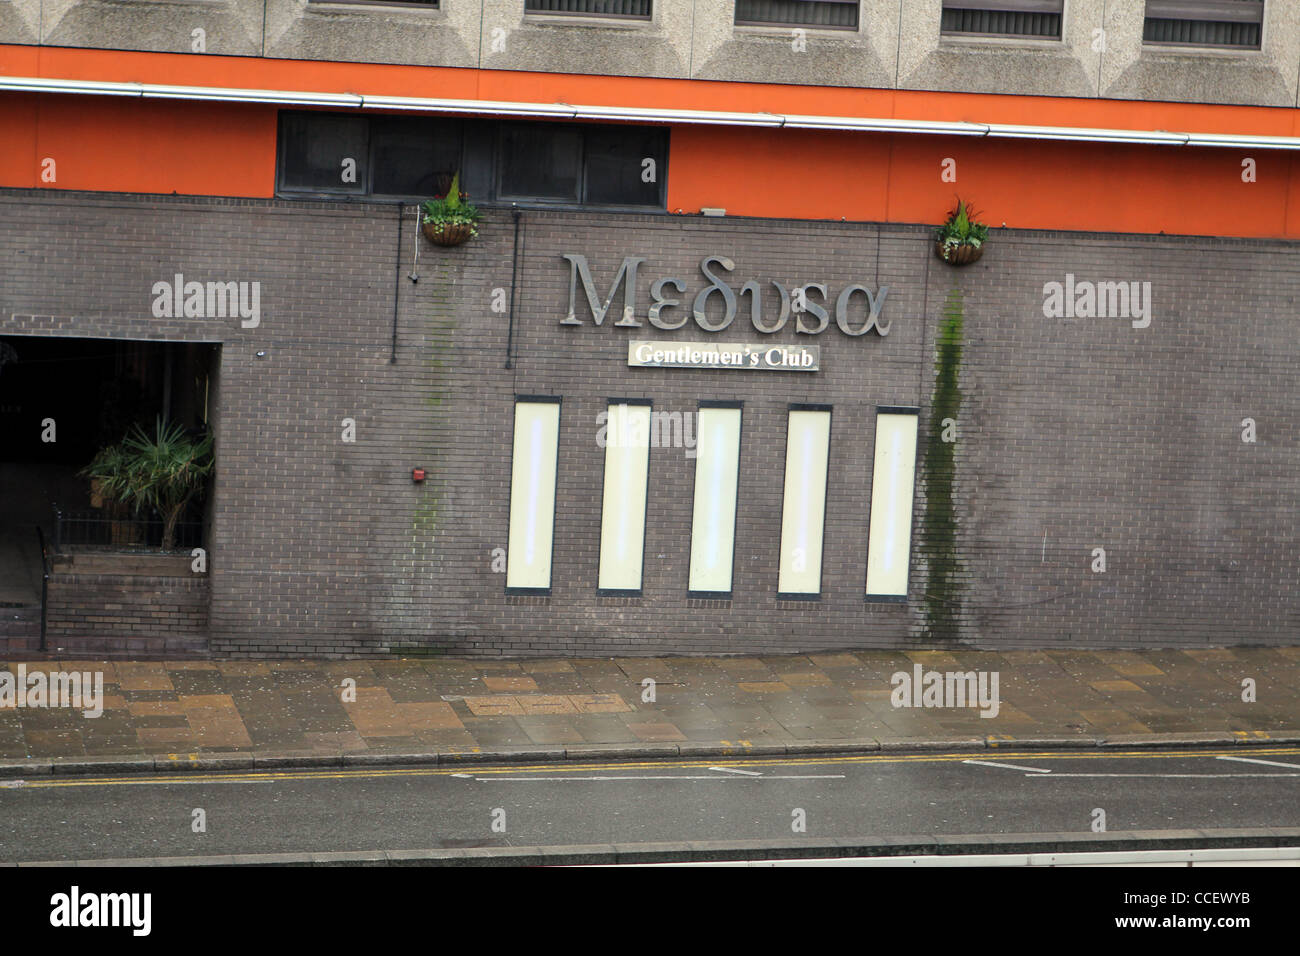 Medusa 'Gentlemen's Nightclub' in Birmingham, England, UK - Stock Image